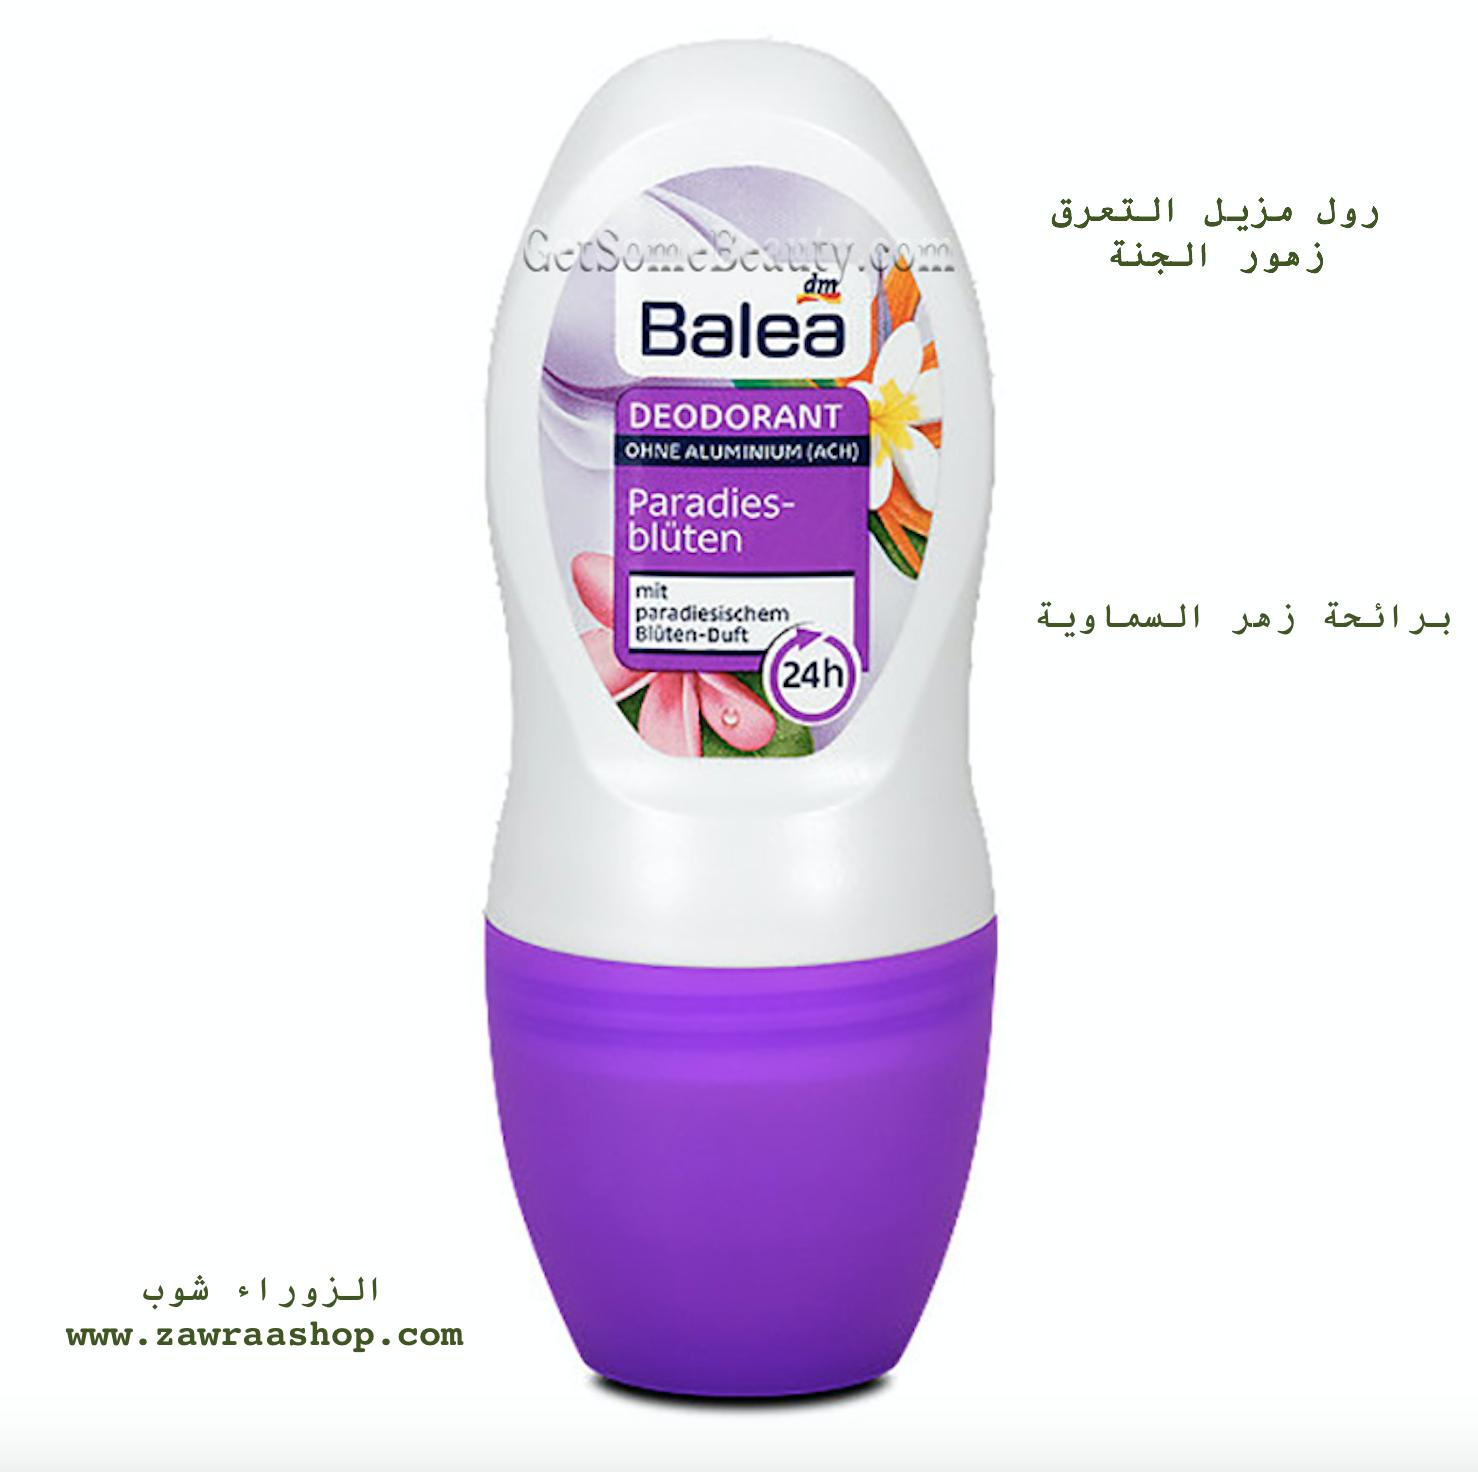 B111 deodorant paradies-bluten معطر رول 00437